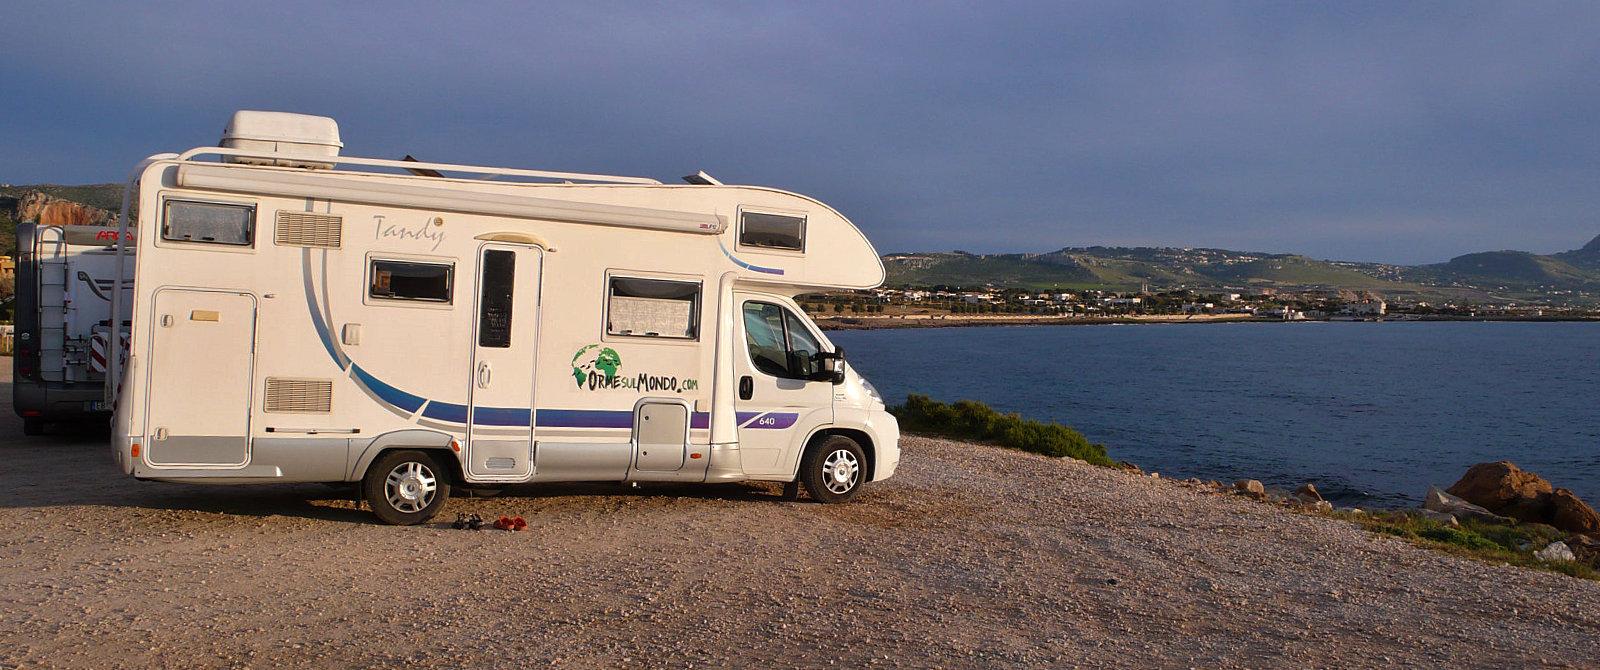 Nella frazione di Cornino, sotto a Custonaci, sosta camper in riva al mare.